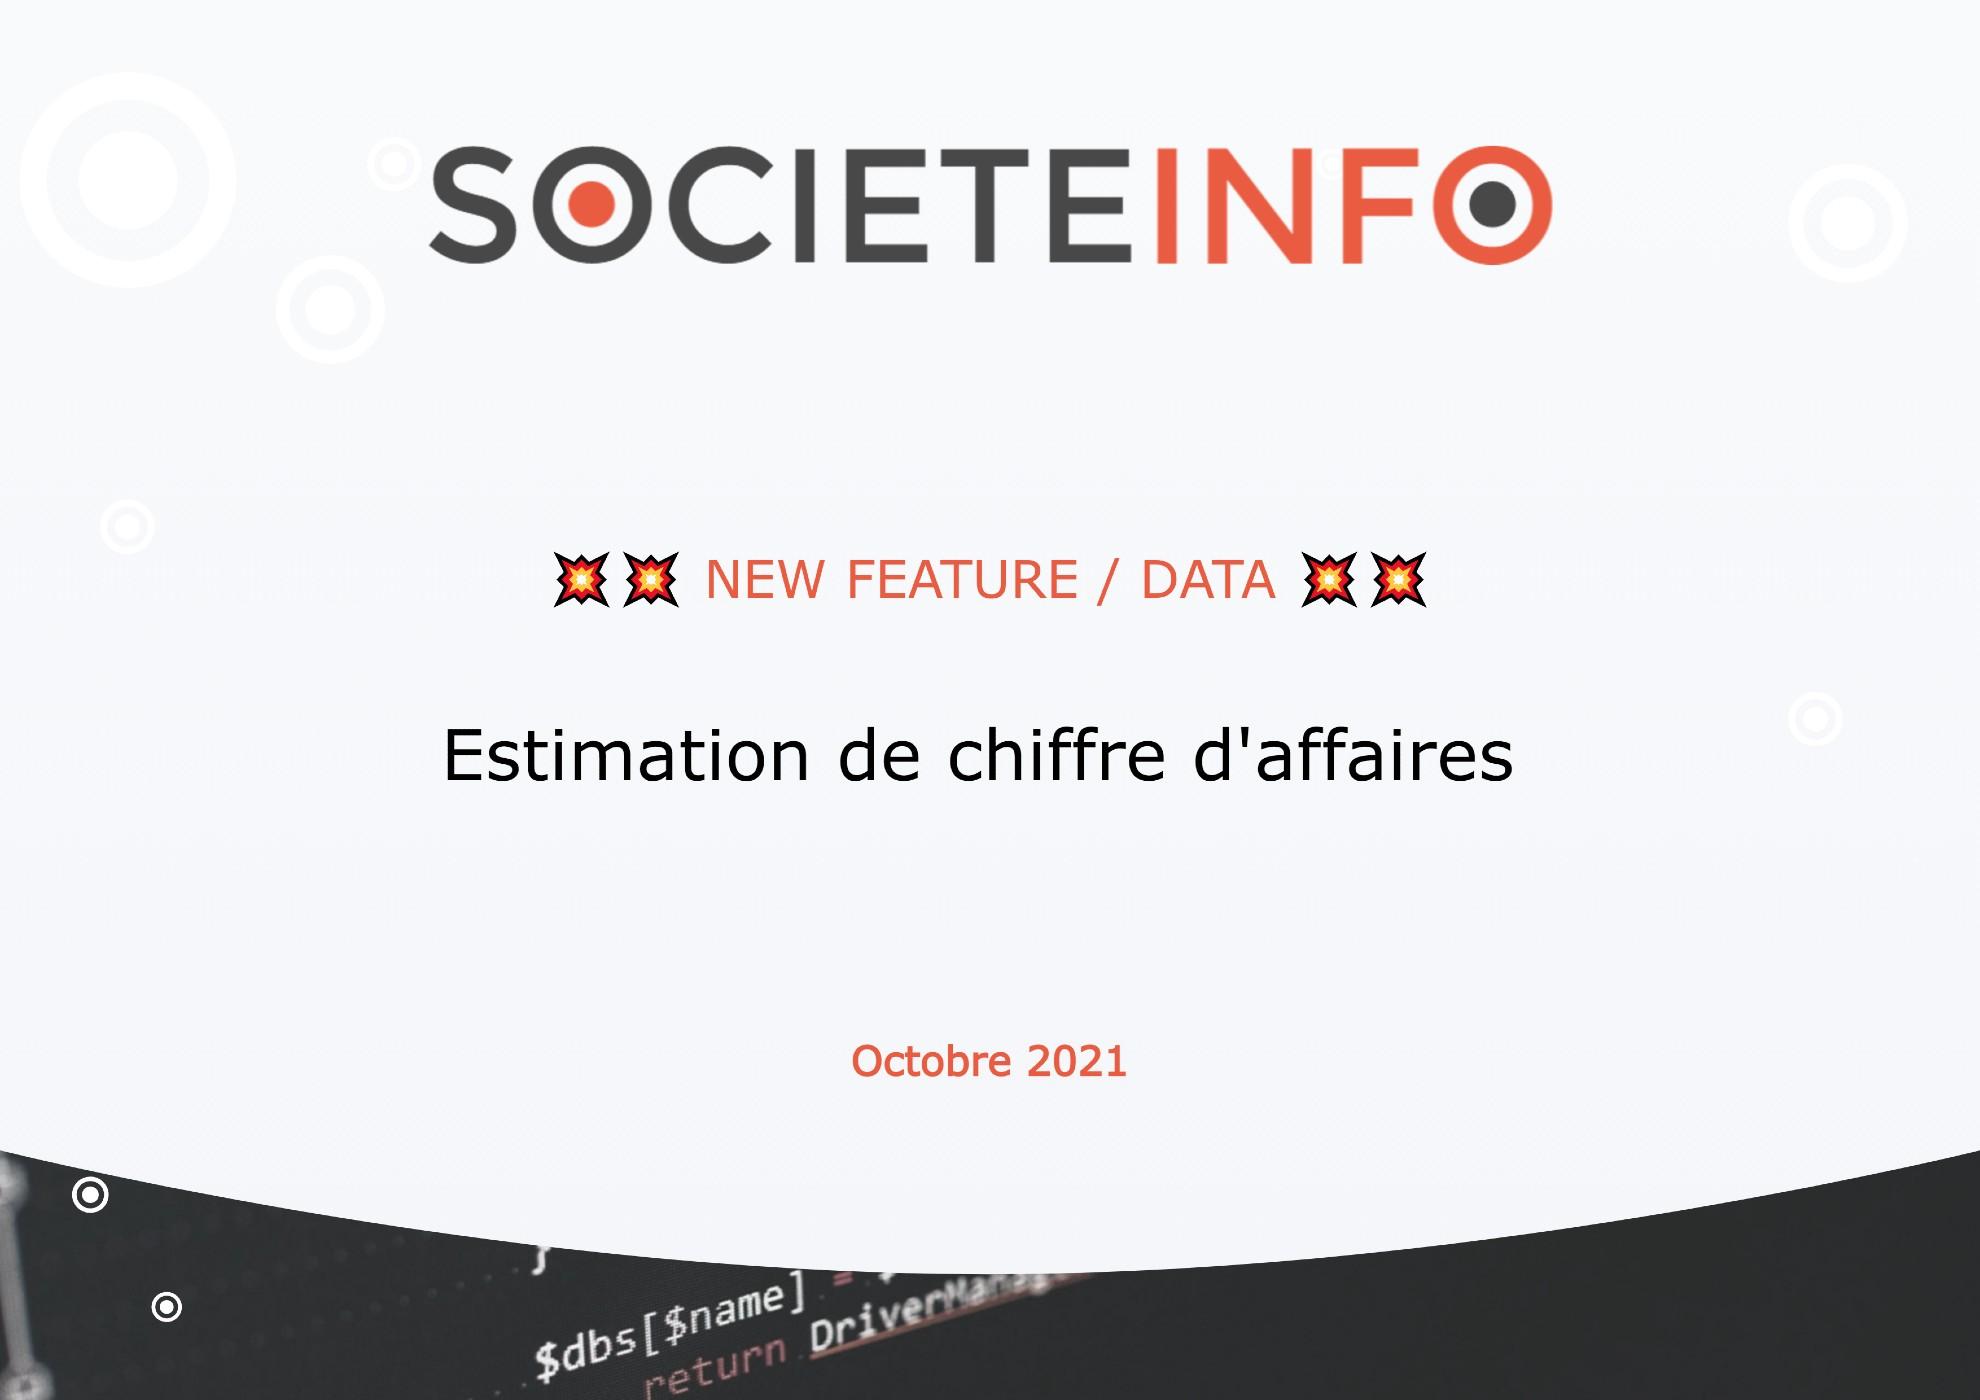 Estimation de chiffre d'affaires | SocieteInfo